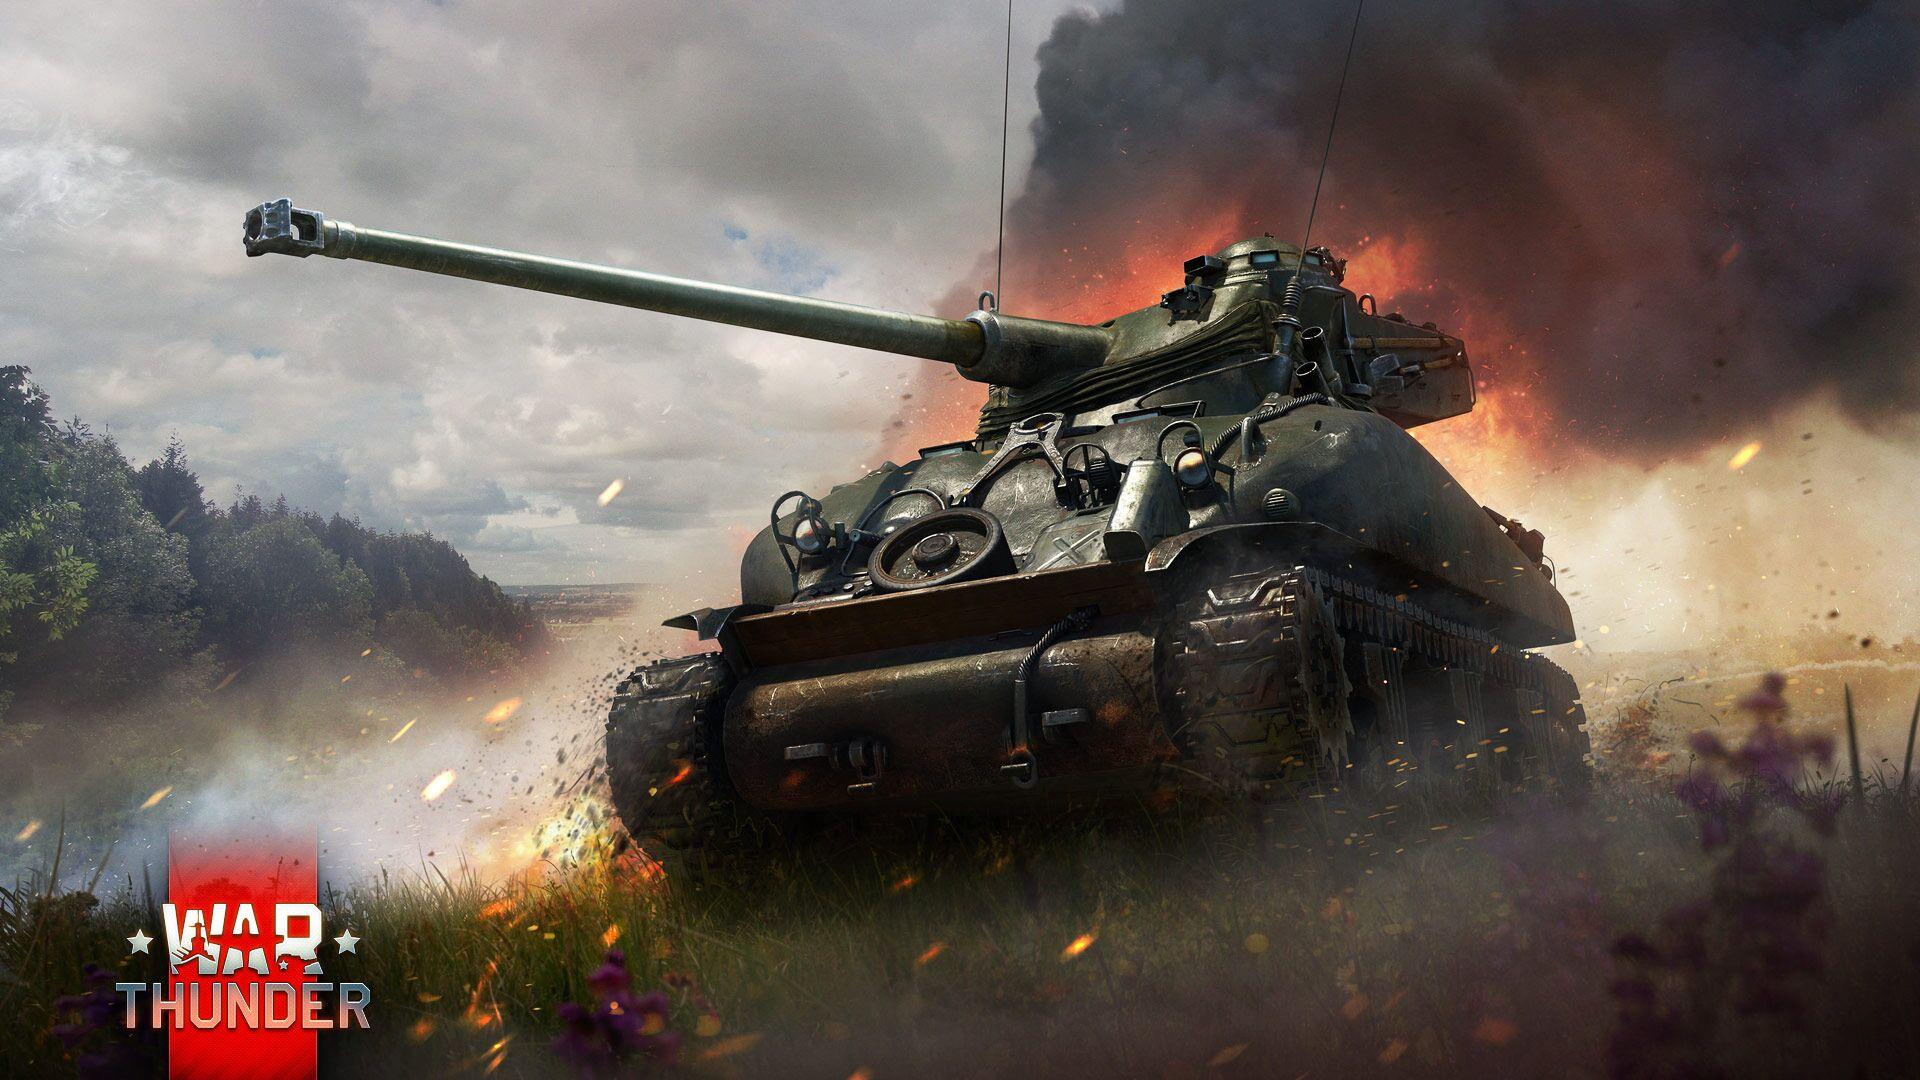 Spielt euch in War Thunder einen Franzosen-Panzer frei